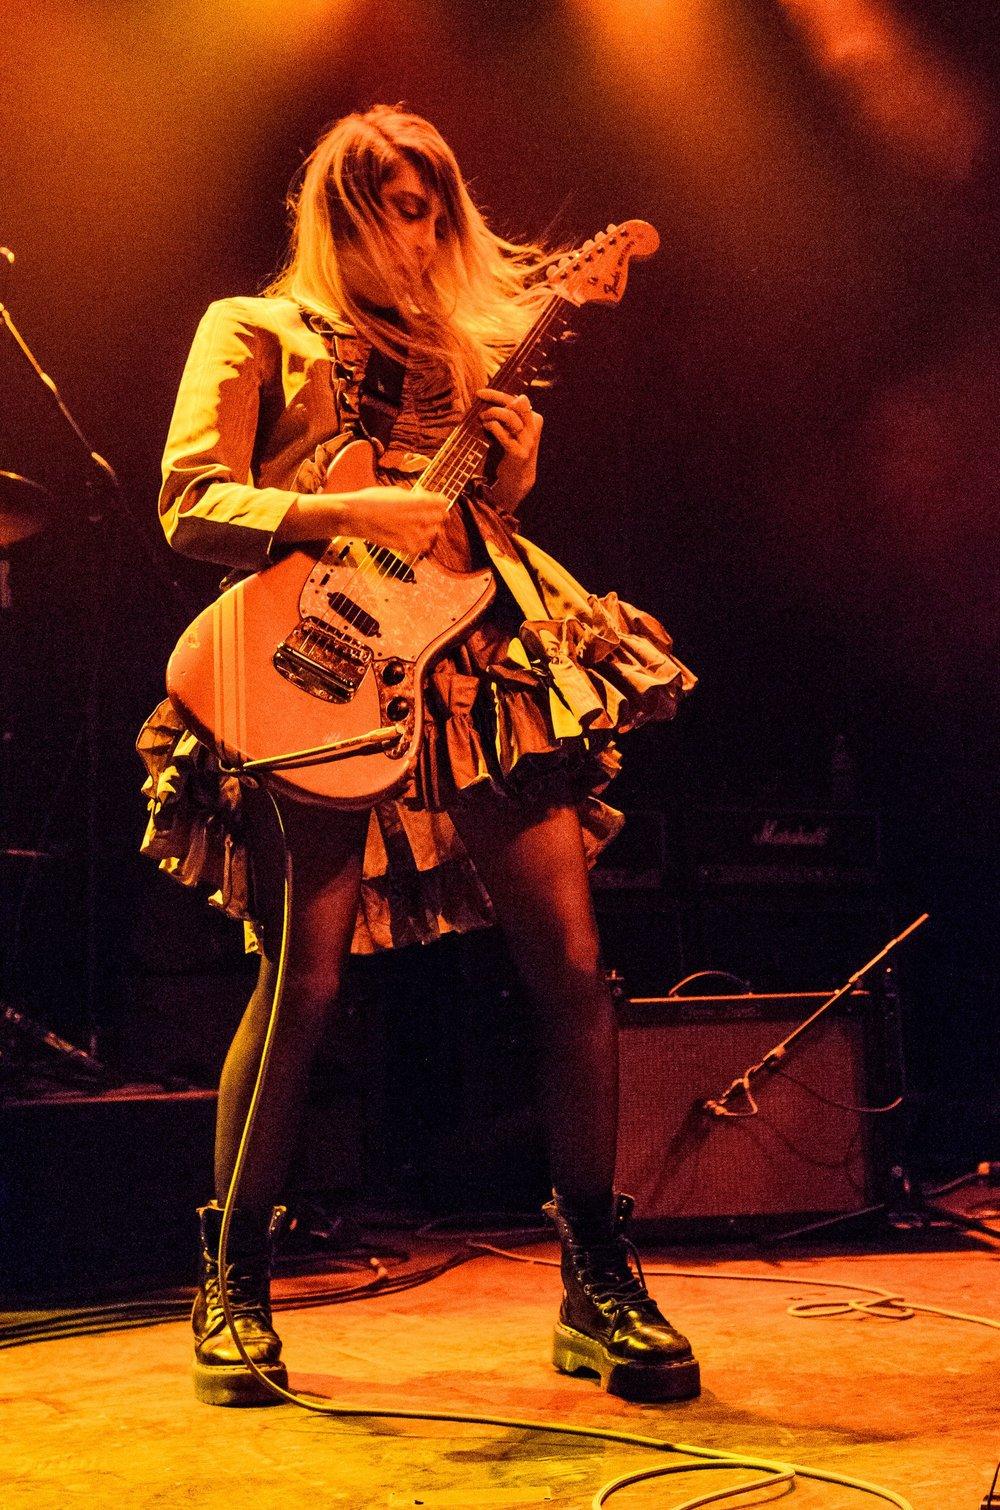 charly bliss eva hendricks kelsey randall concert brooklyn steel jawbreaker show tour live